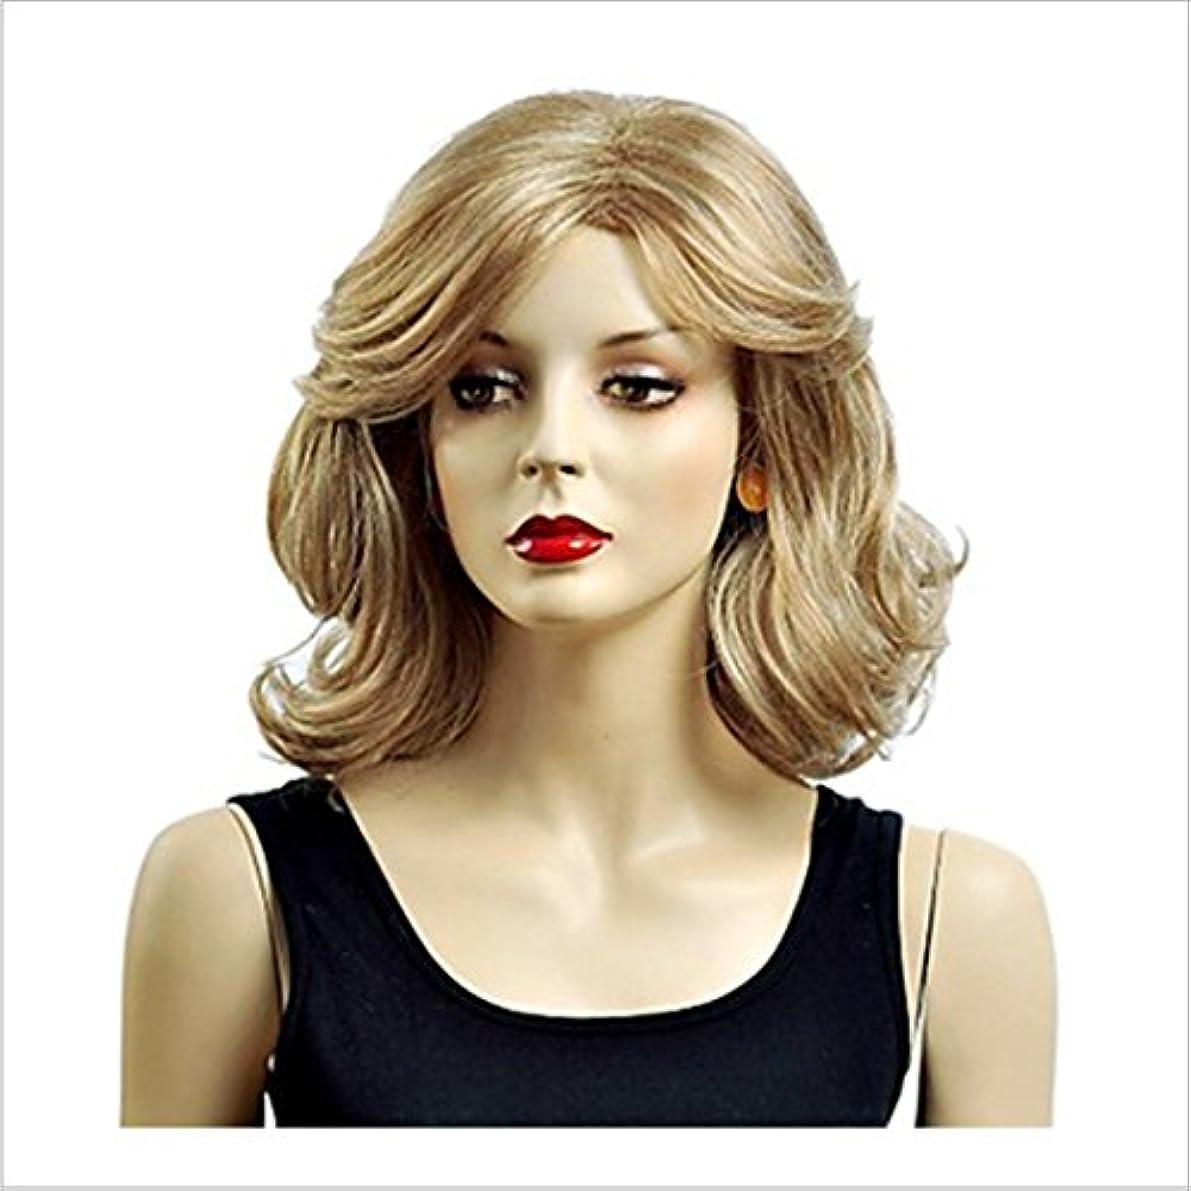 キルト隣接南方のYOUQIU スプリット前髪16で耐性ホワイトゴールドの女性のカーリーウィッグショートふわふわ波状人工毛自然なカーリーウィッグデイリーウィッグ耐熱ウィッグのために「」180グラム(ゴールド)ウィッグ (色 : ゴールド)